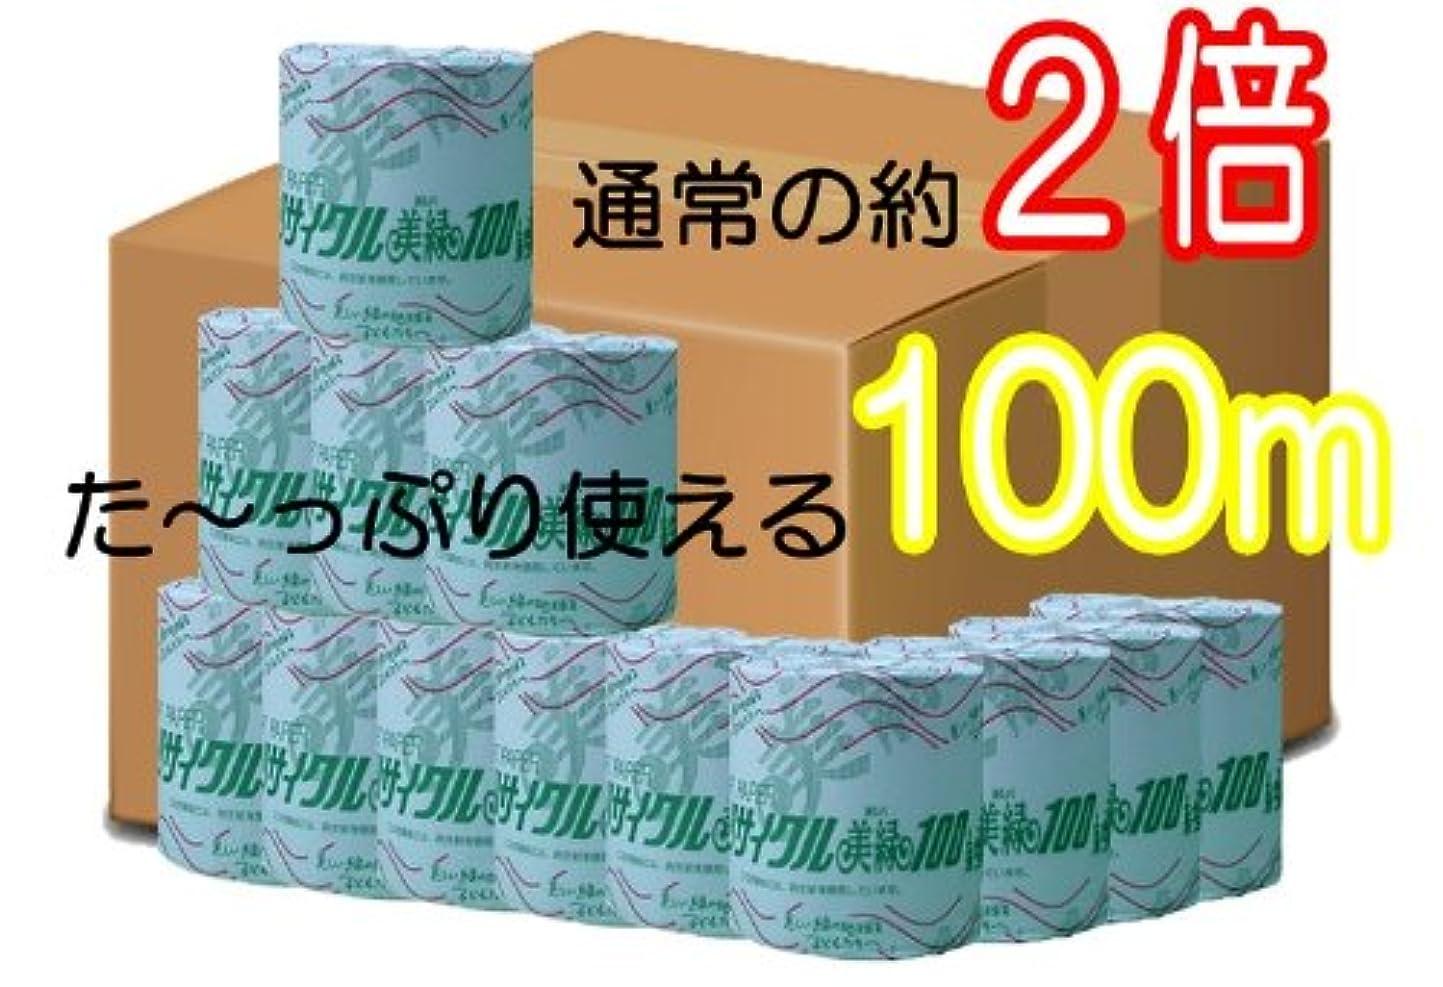 高い鎮静剤外交官トイレットペーパー 100m シングル 個包装 60個 (箱売り)